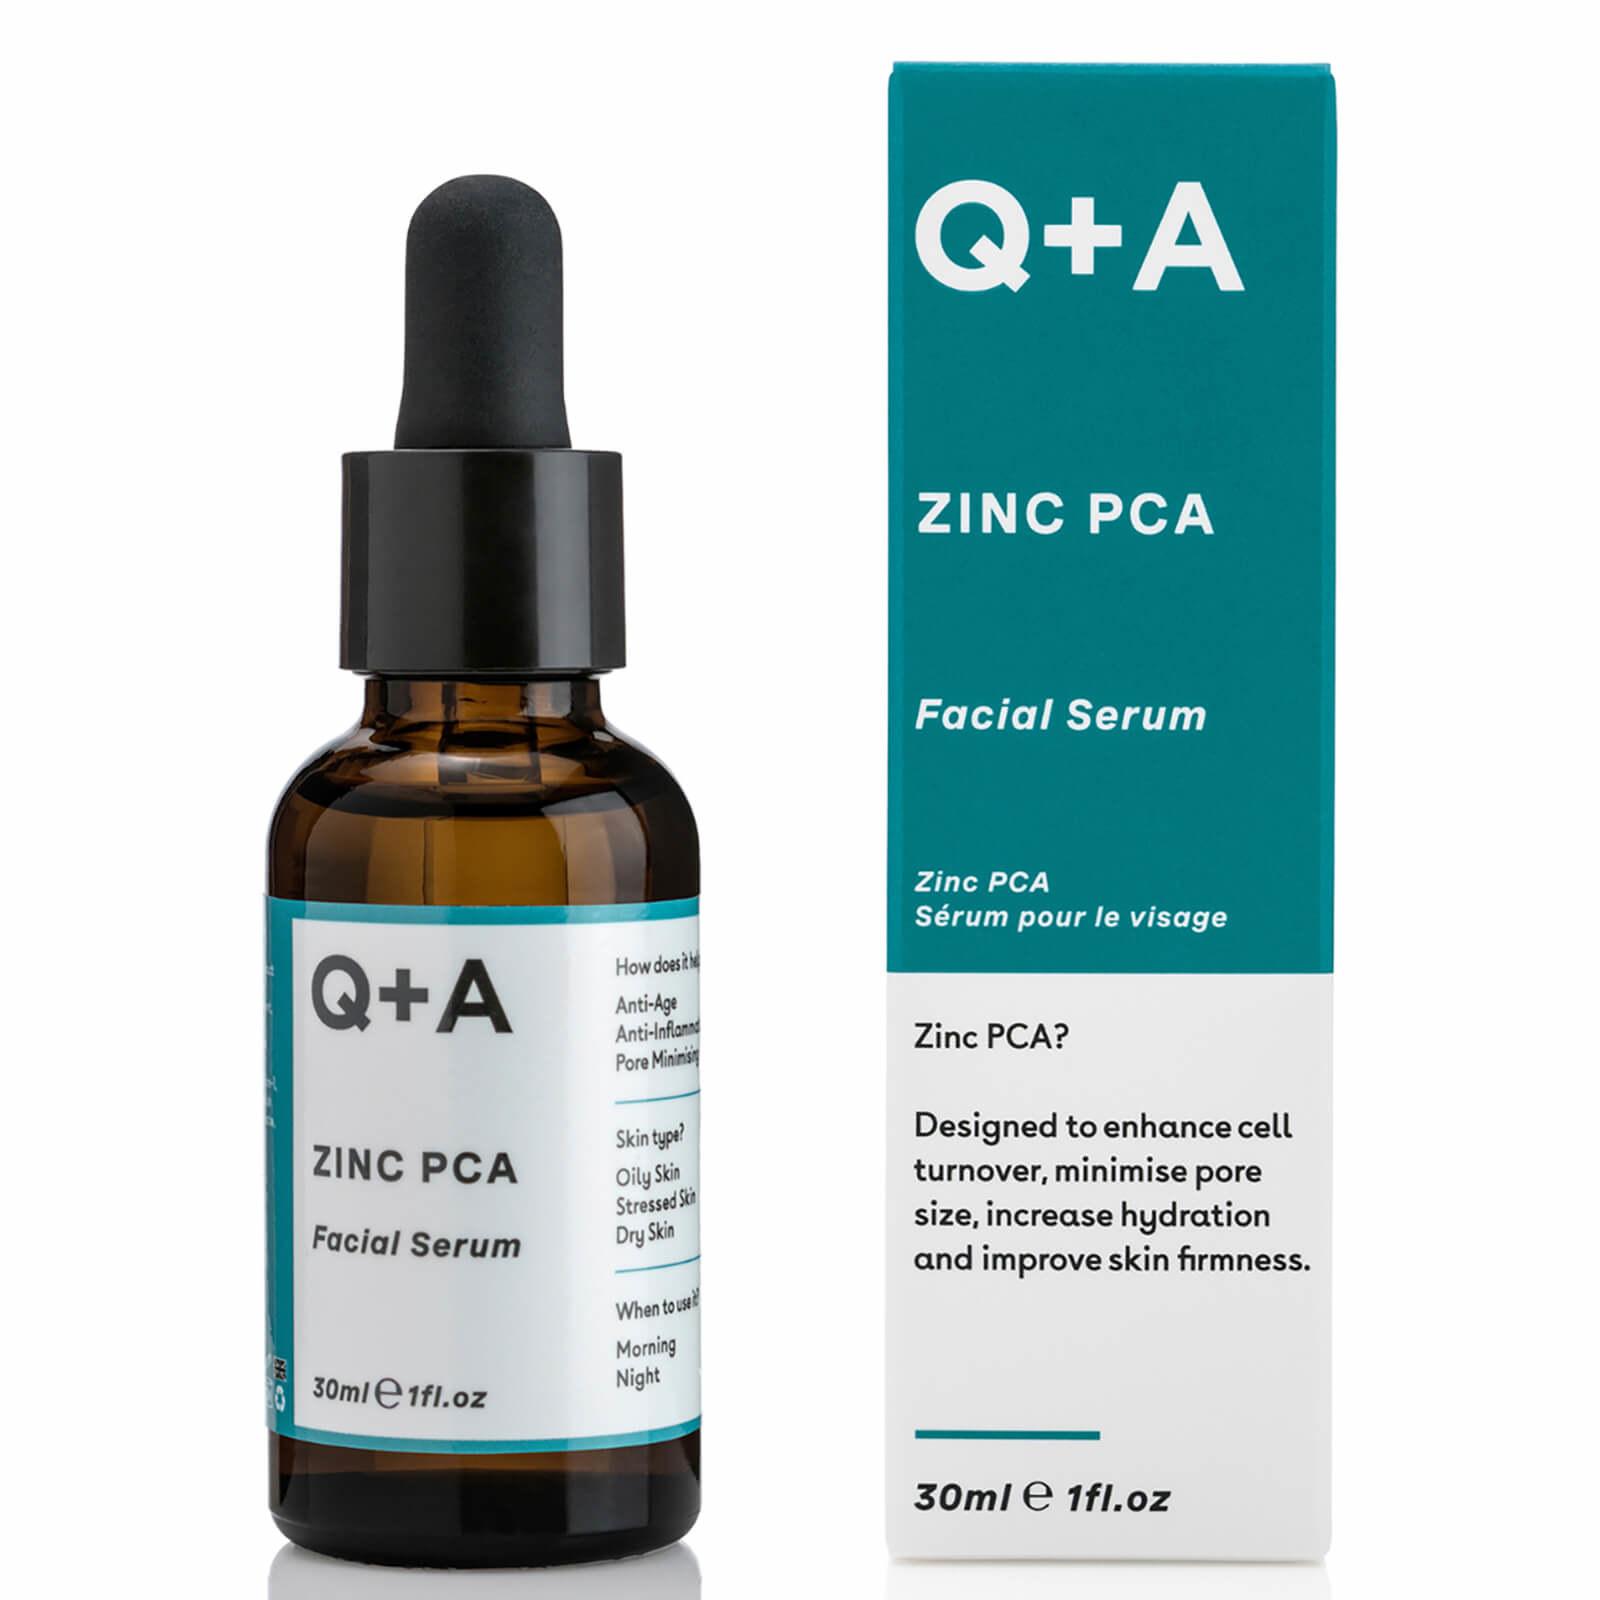 Q+A Zinc facial serum bottle beside its packaging